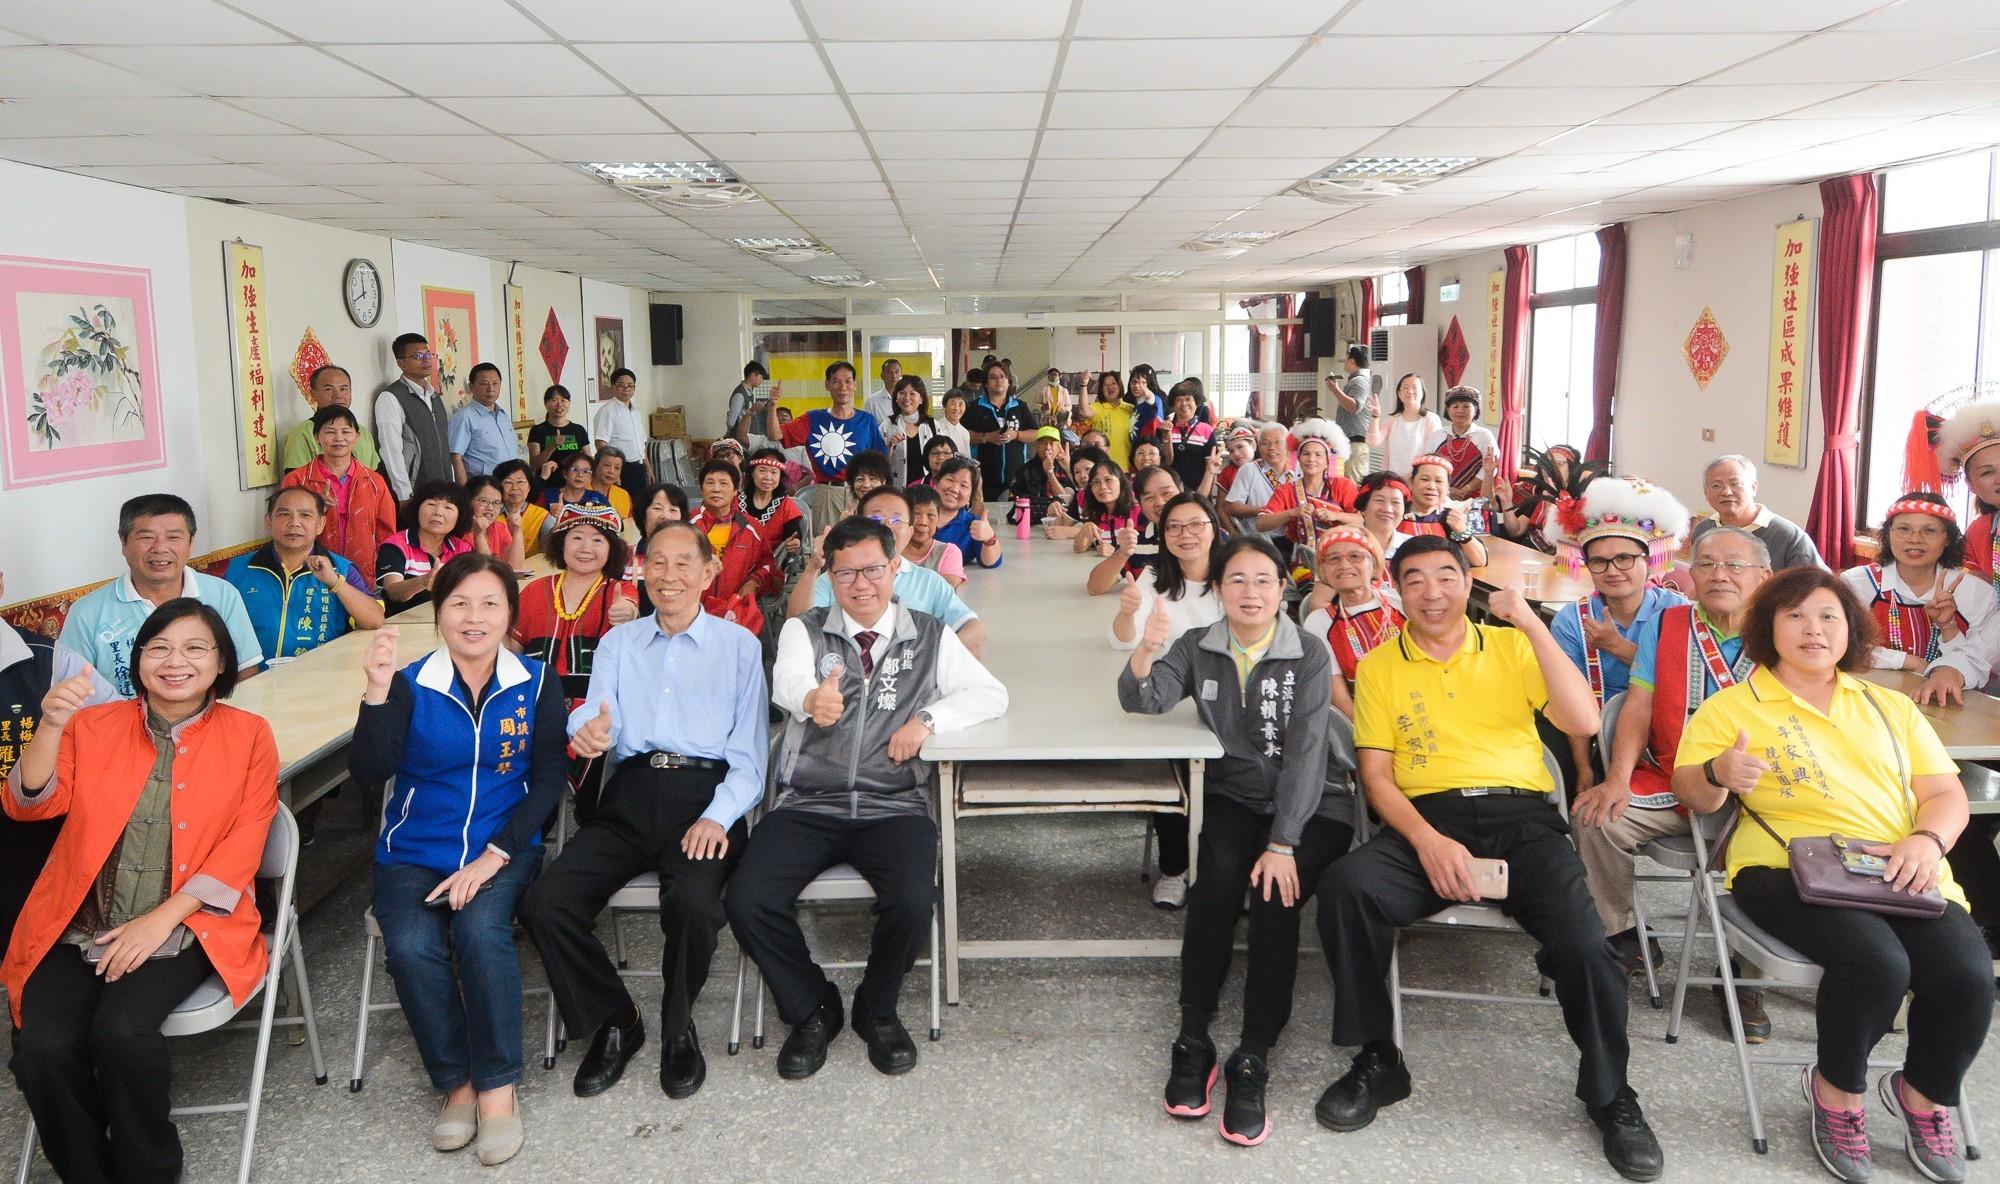 市長和與會來賓及市民朋友開心合影